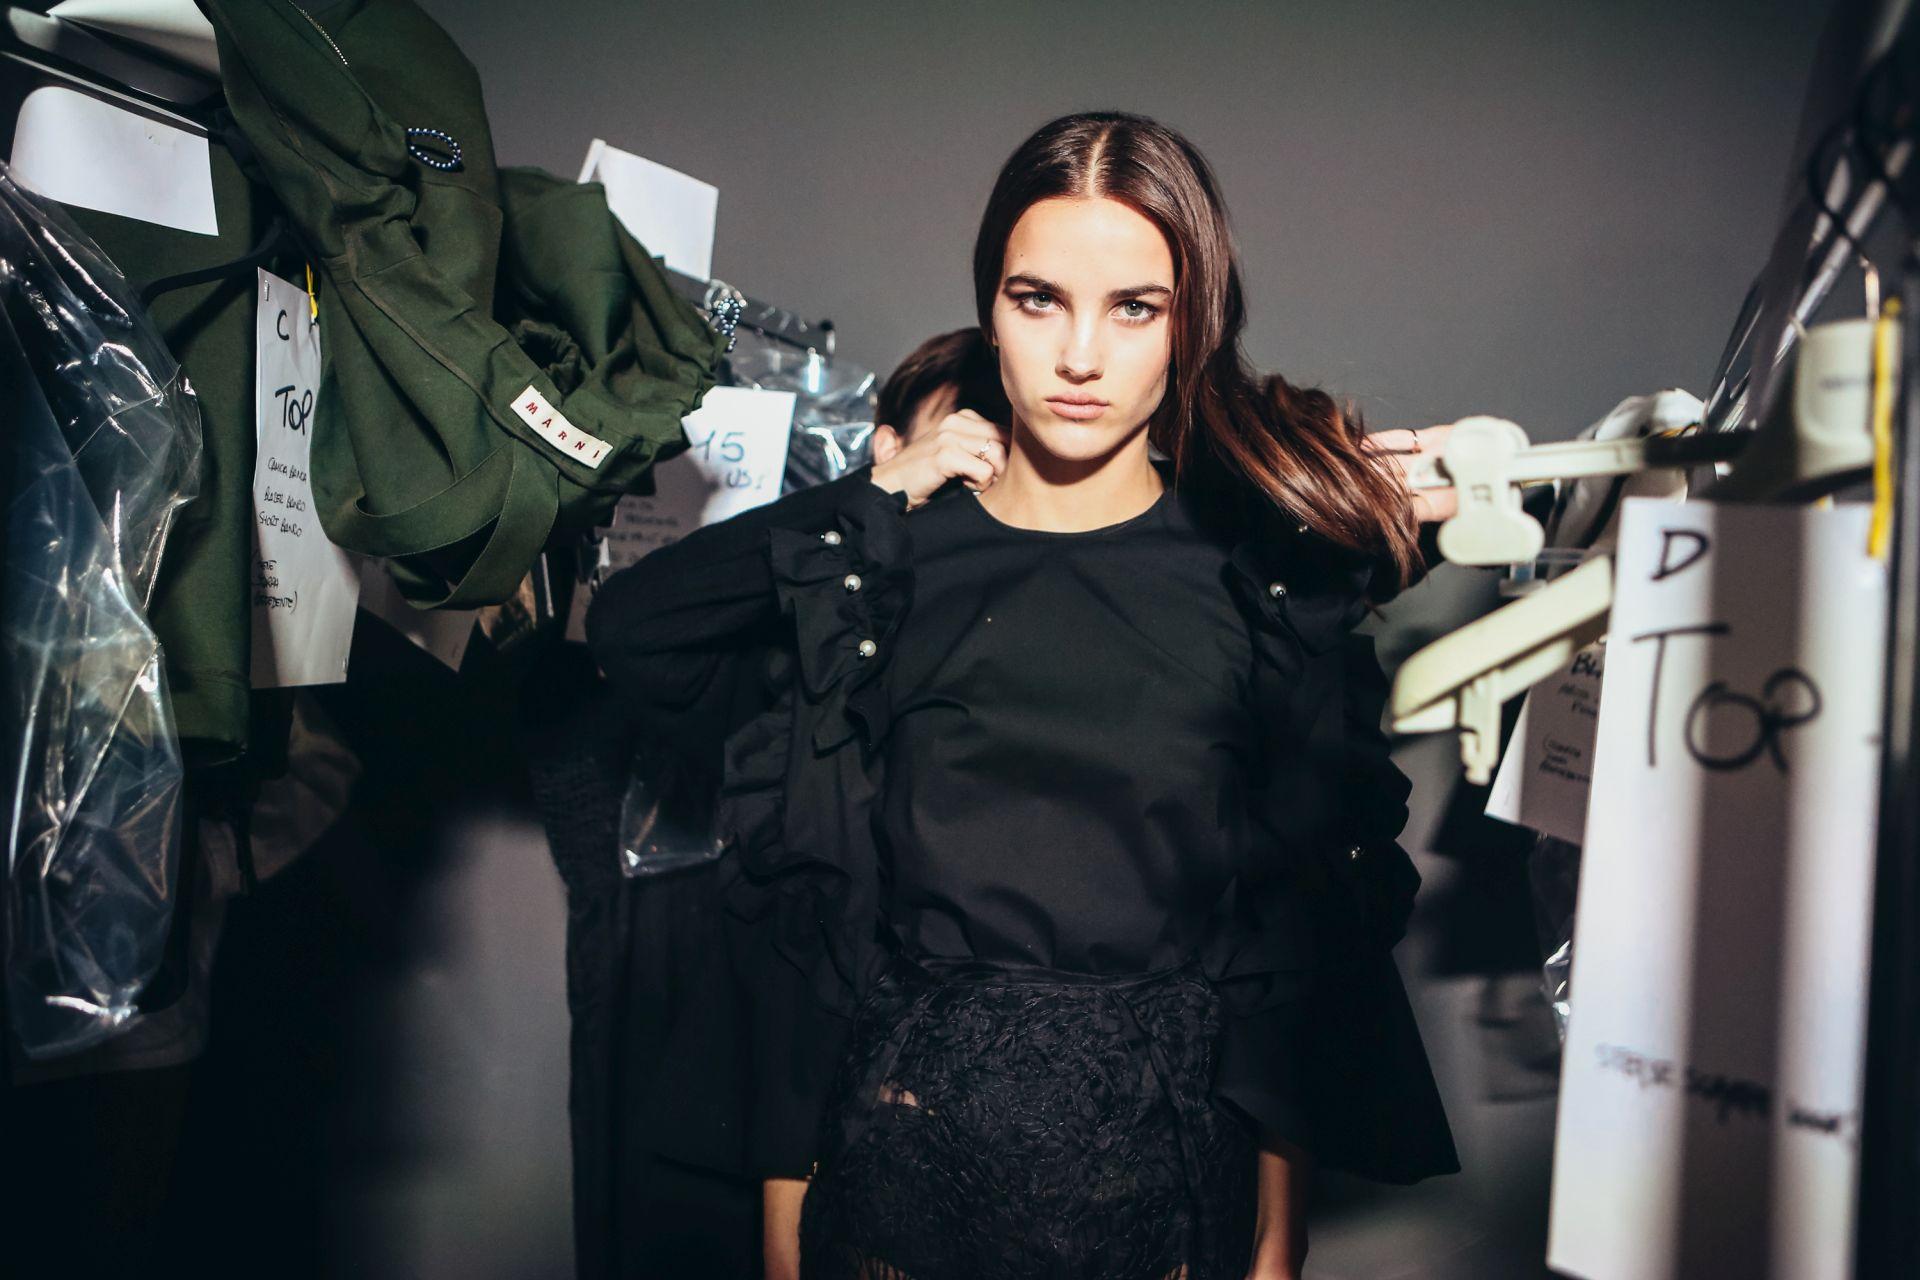 Petra teen model